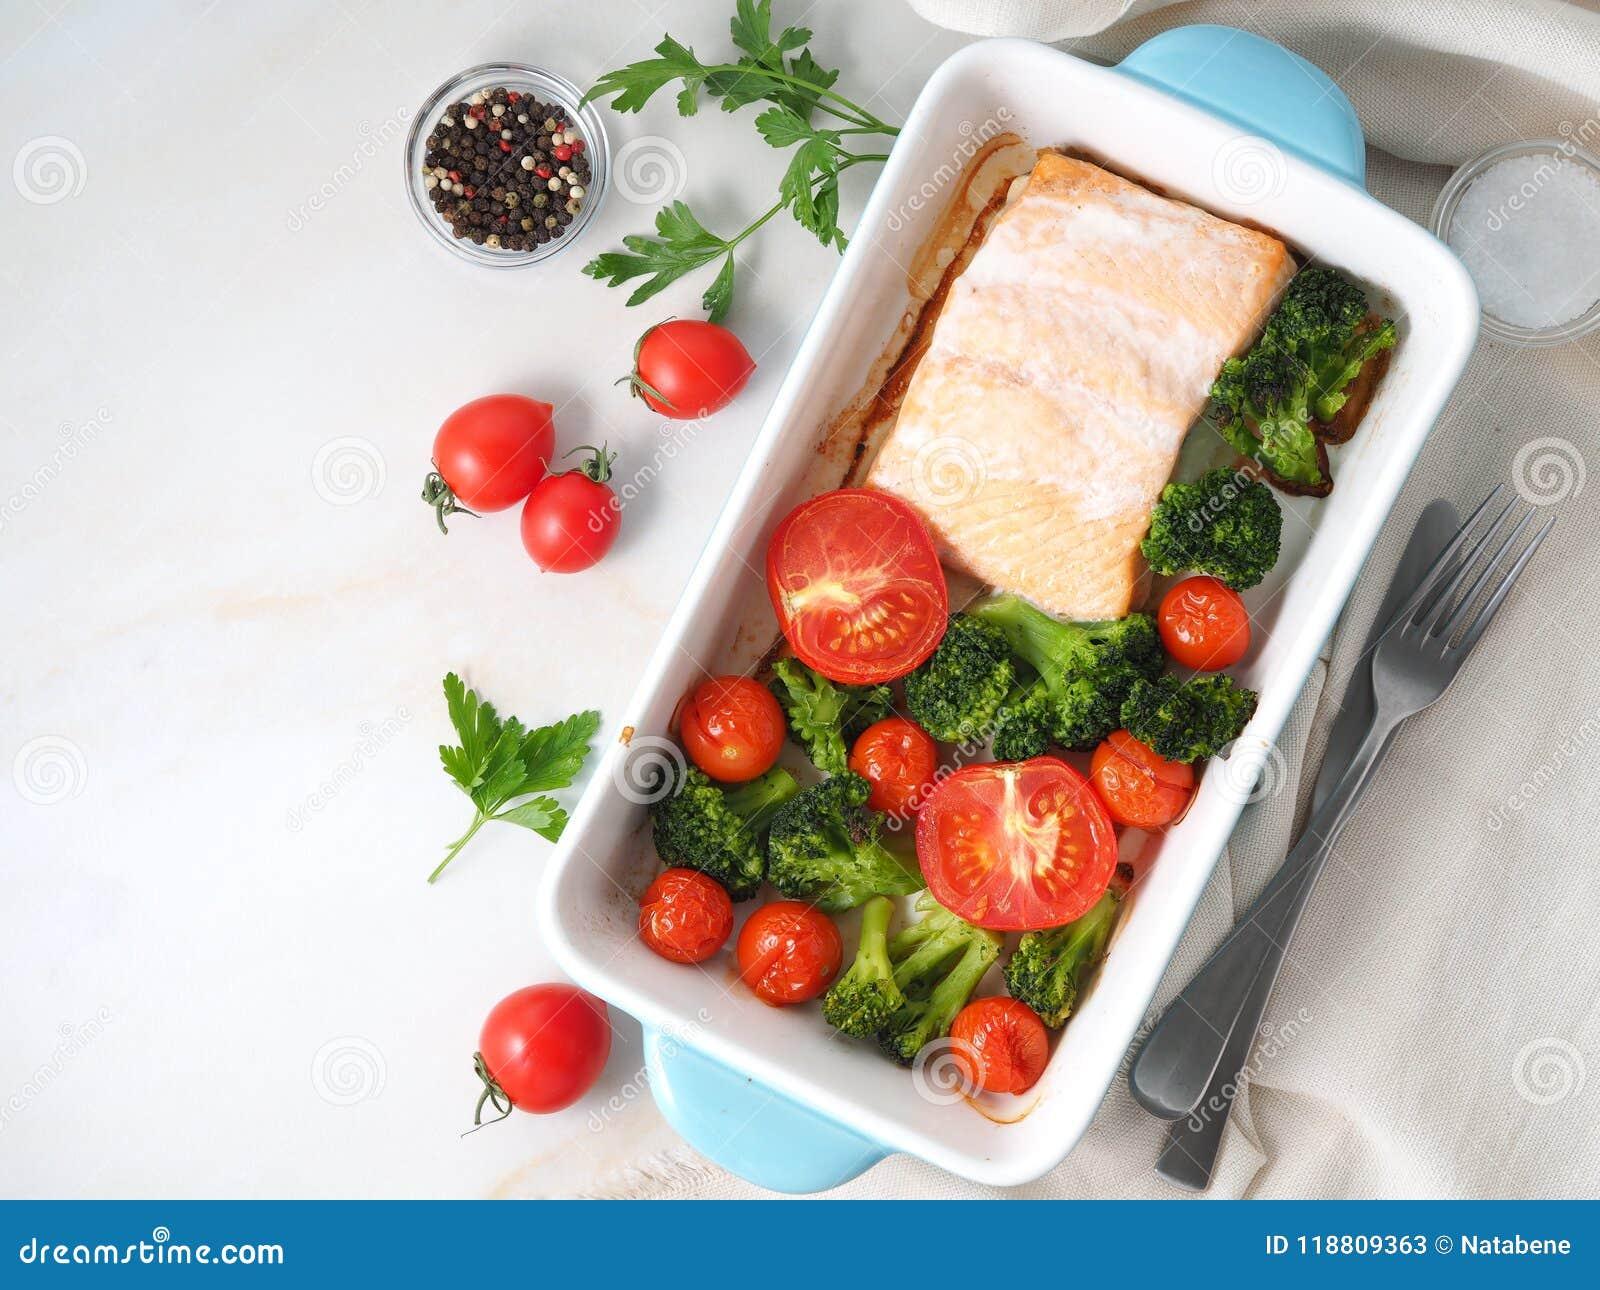 Σολομός ψαριών που ψήνεται στο φούρνο με τα λαχανικά - μπρόκολο, ντομάτες Υγιή τρόφιμα διατροφής, άσπρο μαρμάρινο σκηνικό, τοπ άπ